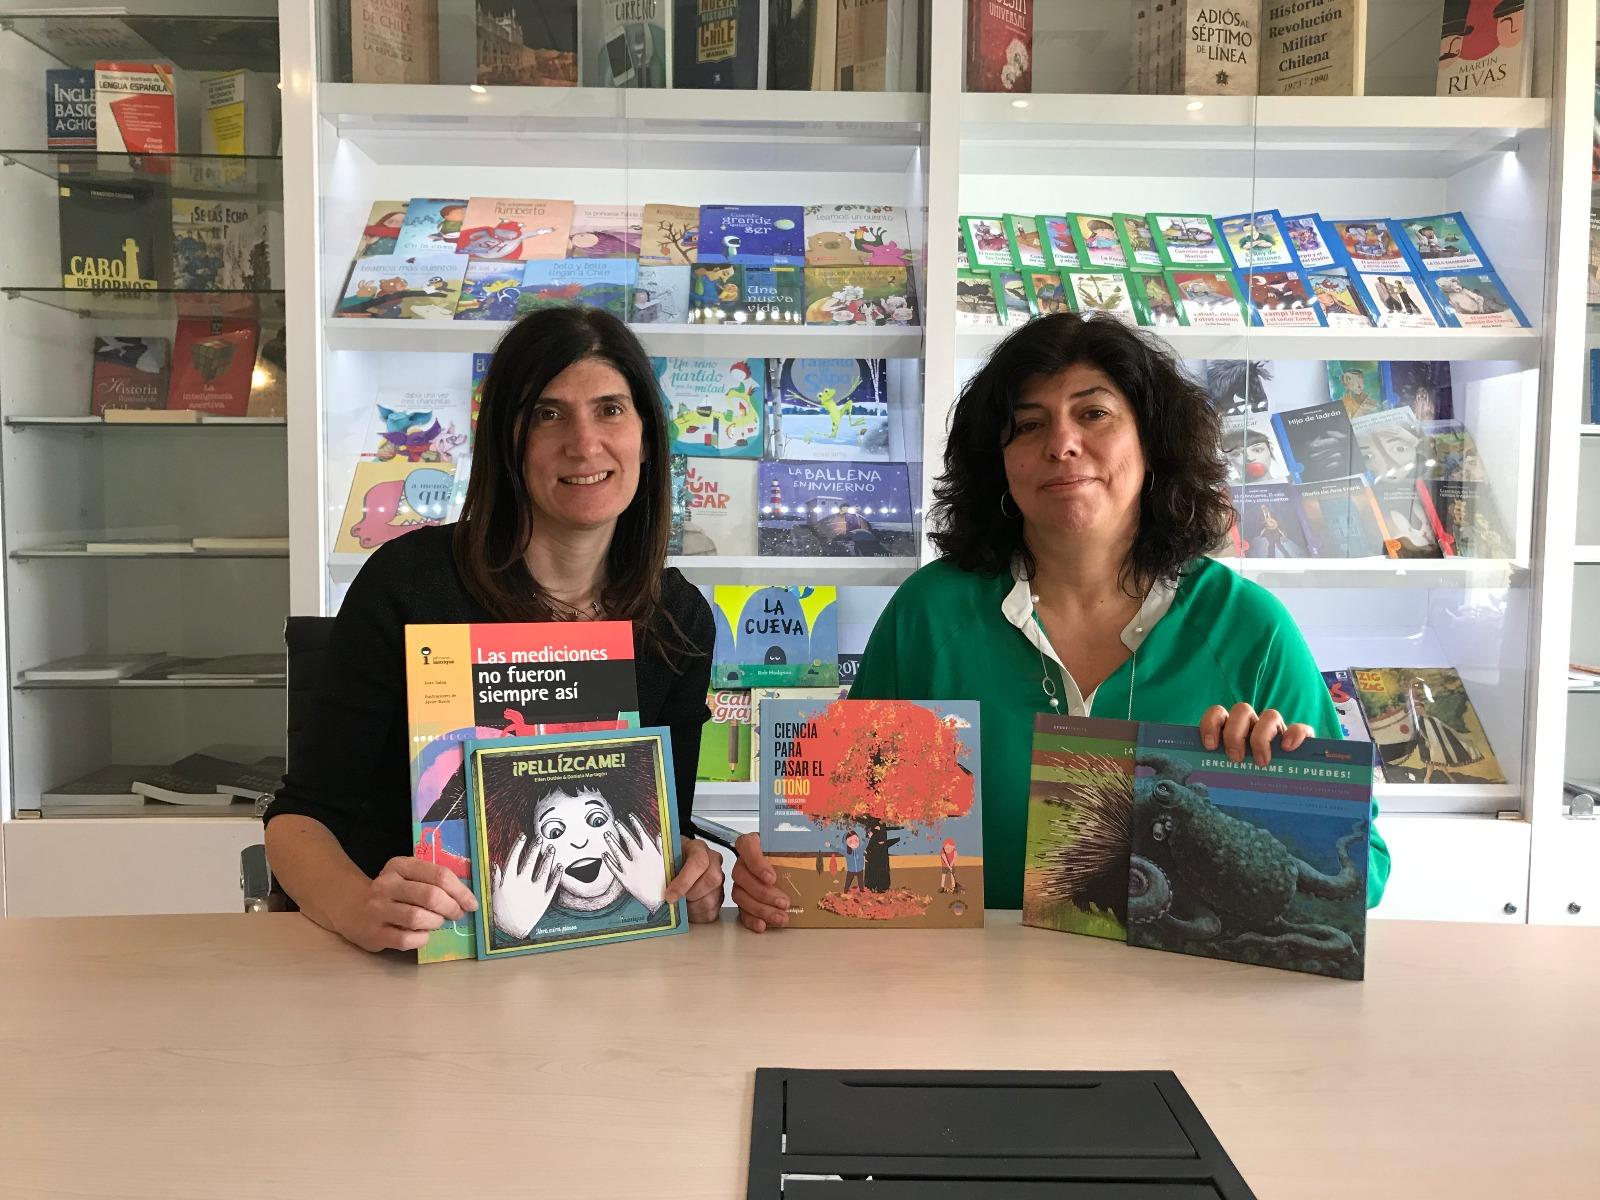 Entrevista Carla Baredes e Ileana Lotersztain, fundadoras de Ediciones Iamiqué